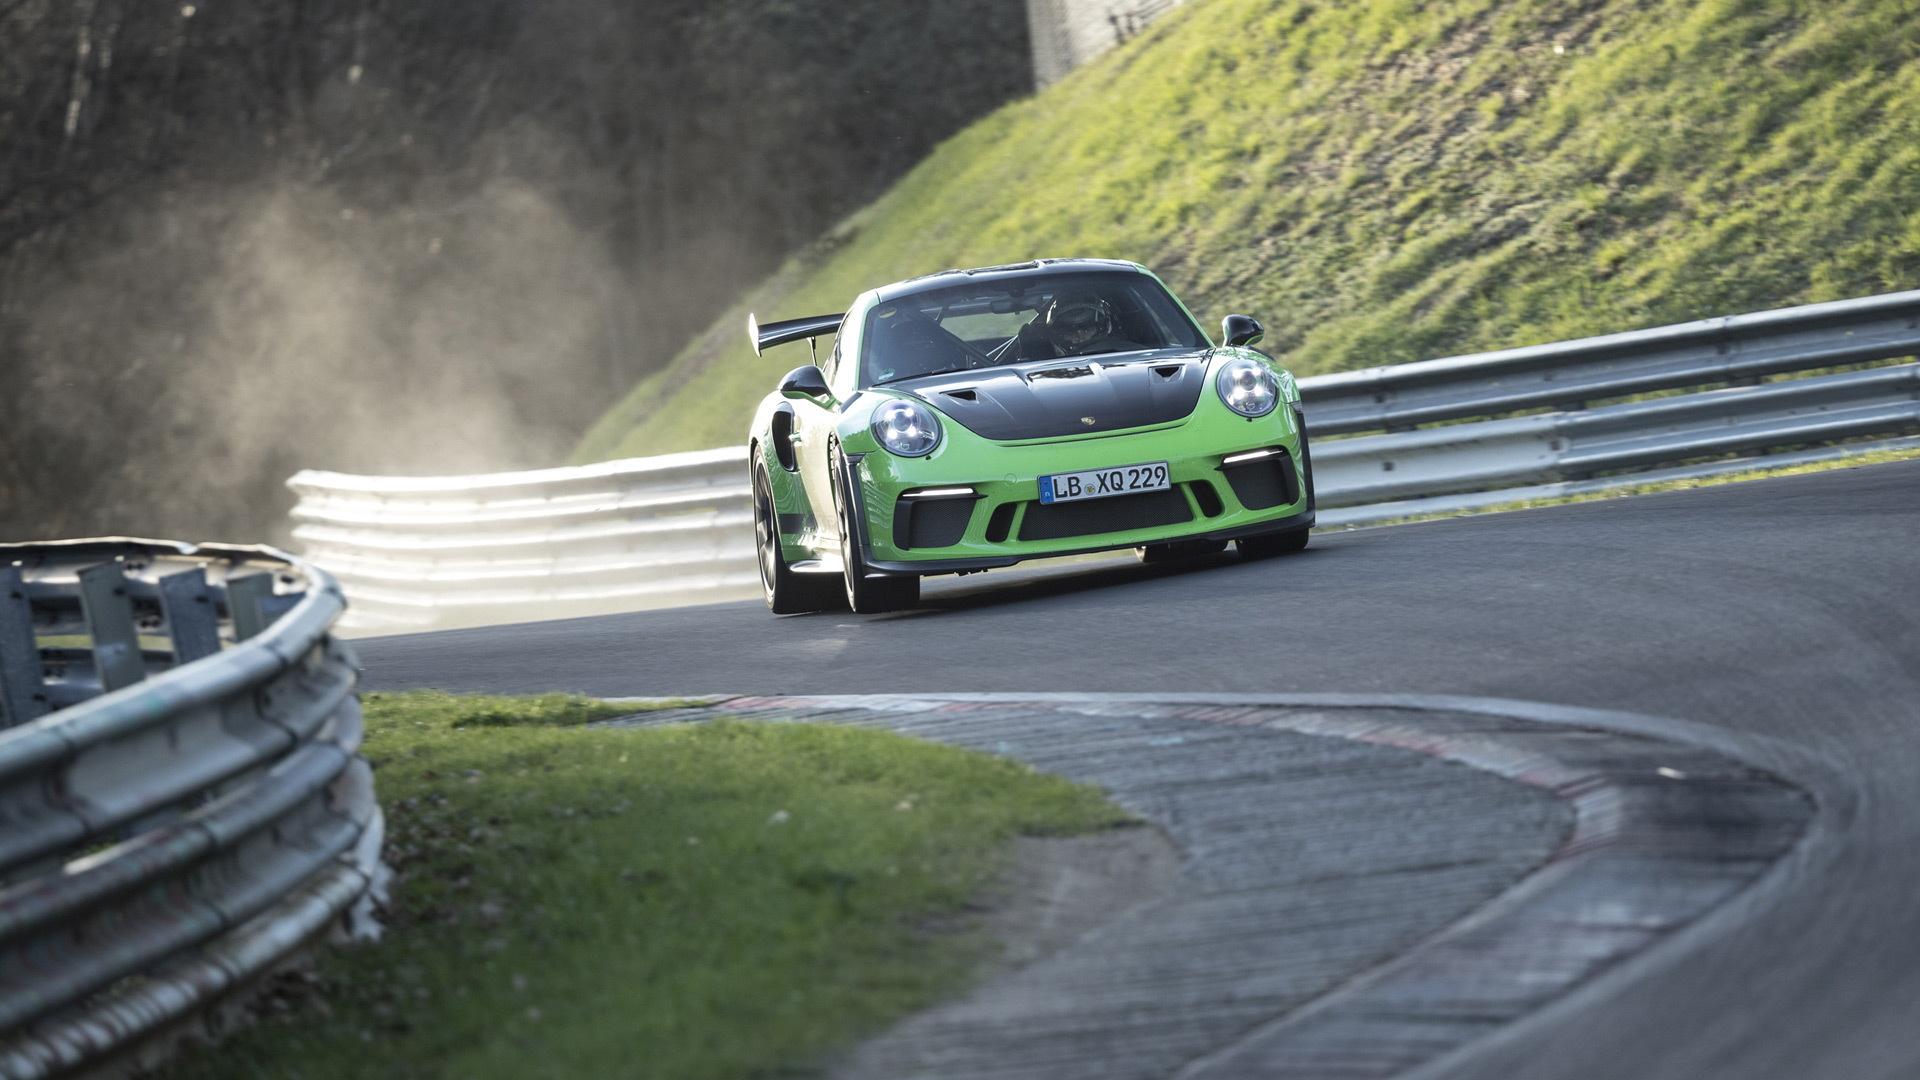 2019 Porsche 911 GT3 RS at the Nürburgring